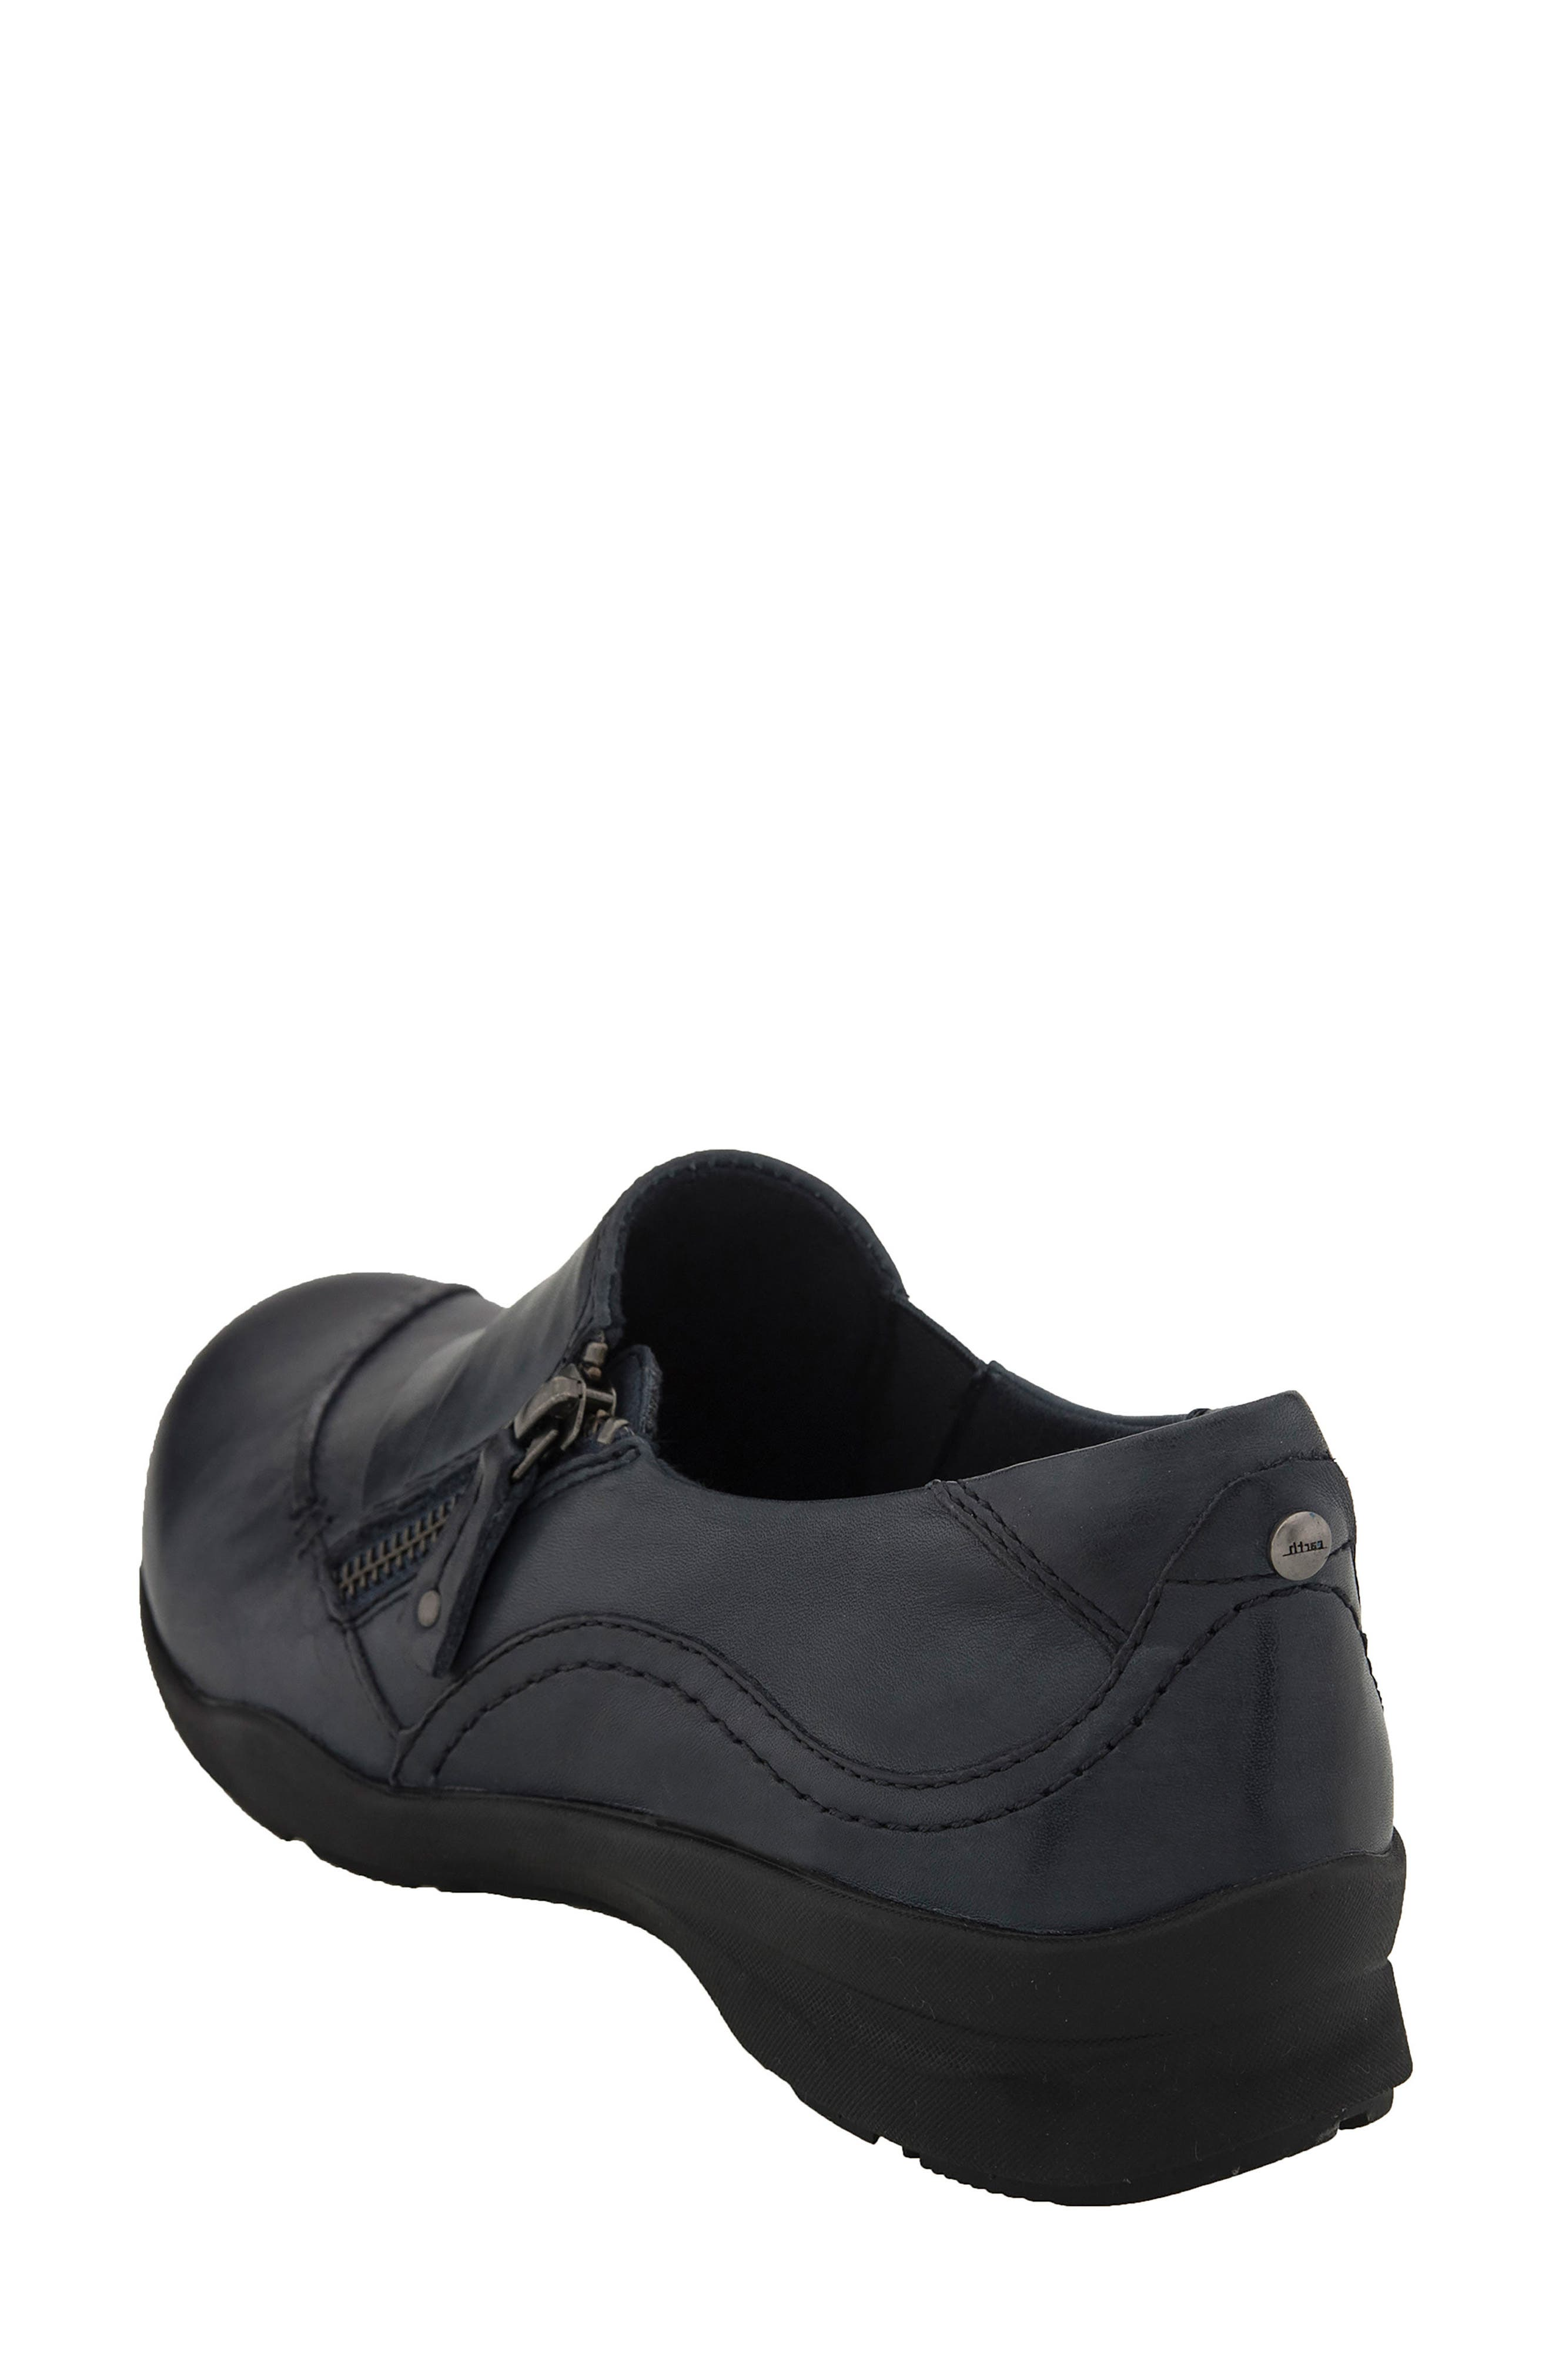 'Anise' Slip-On Sneaker,                             Alternate thumbnail 2, color,                             422